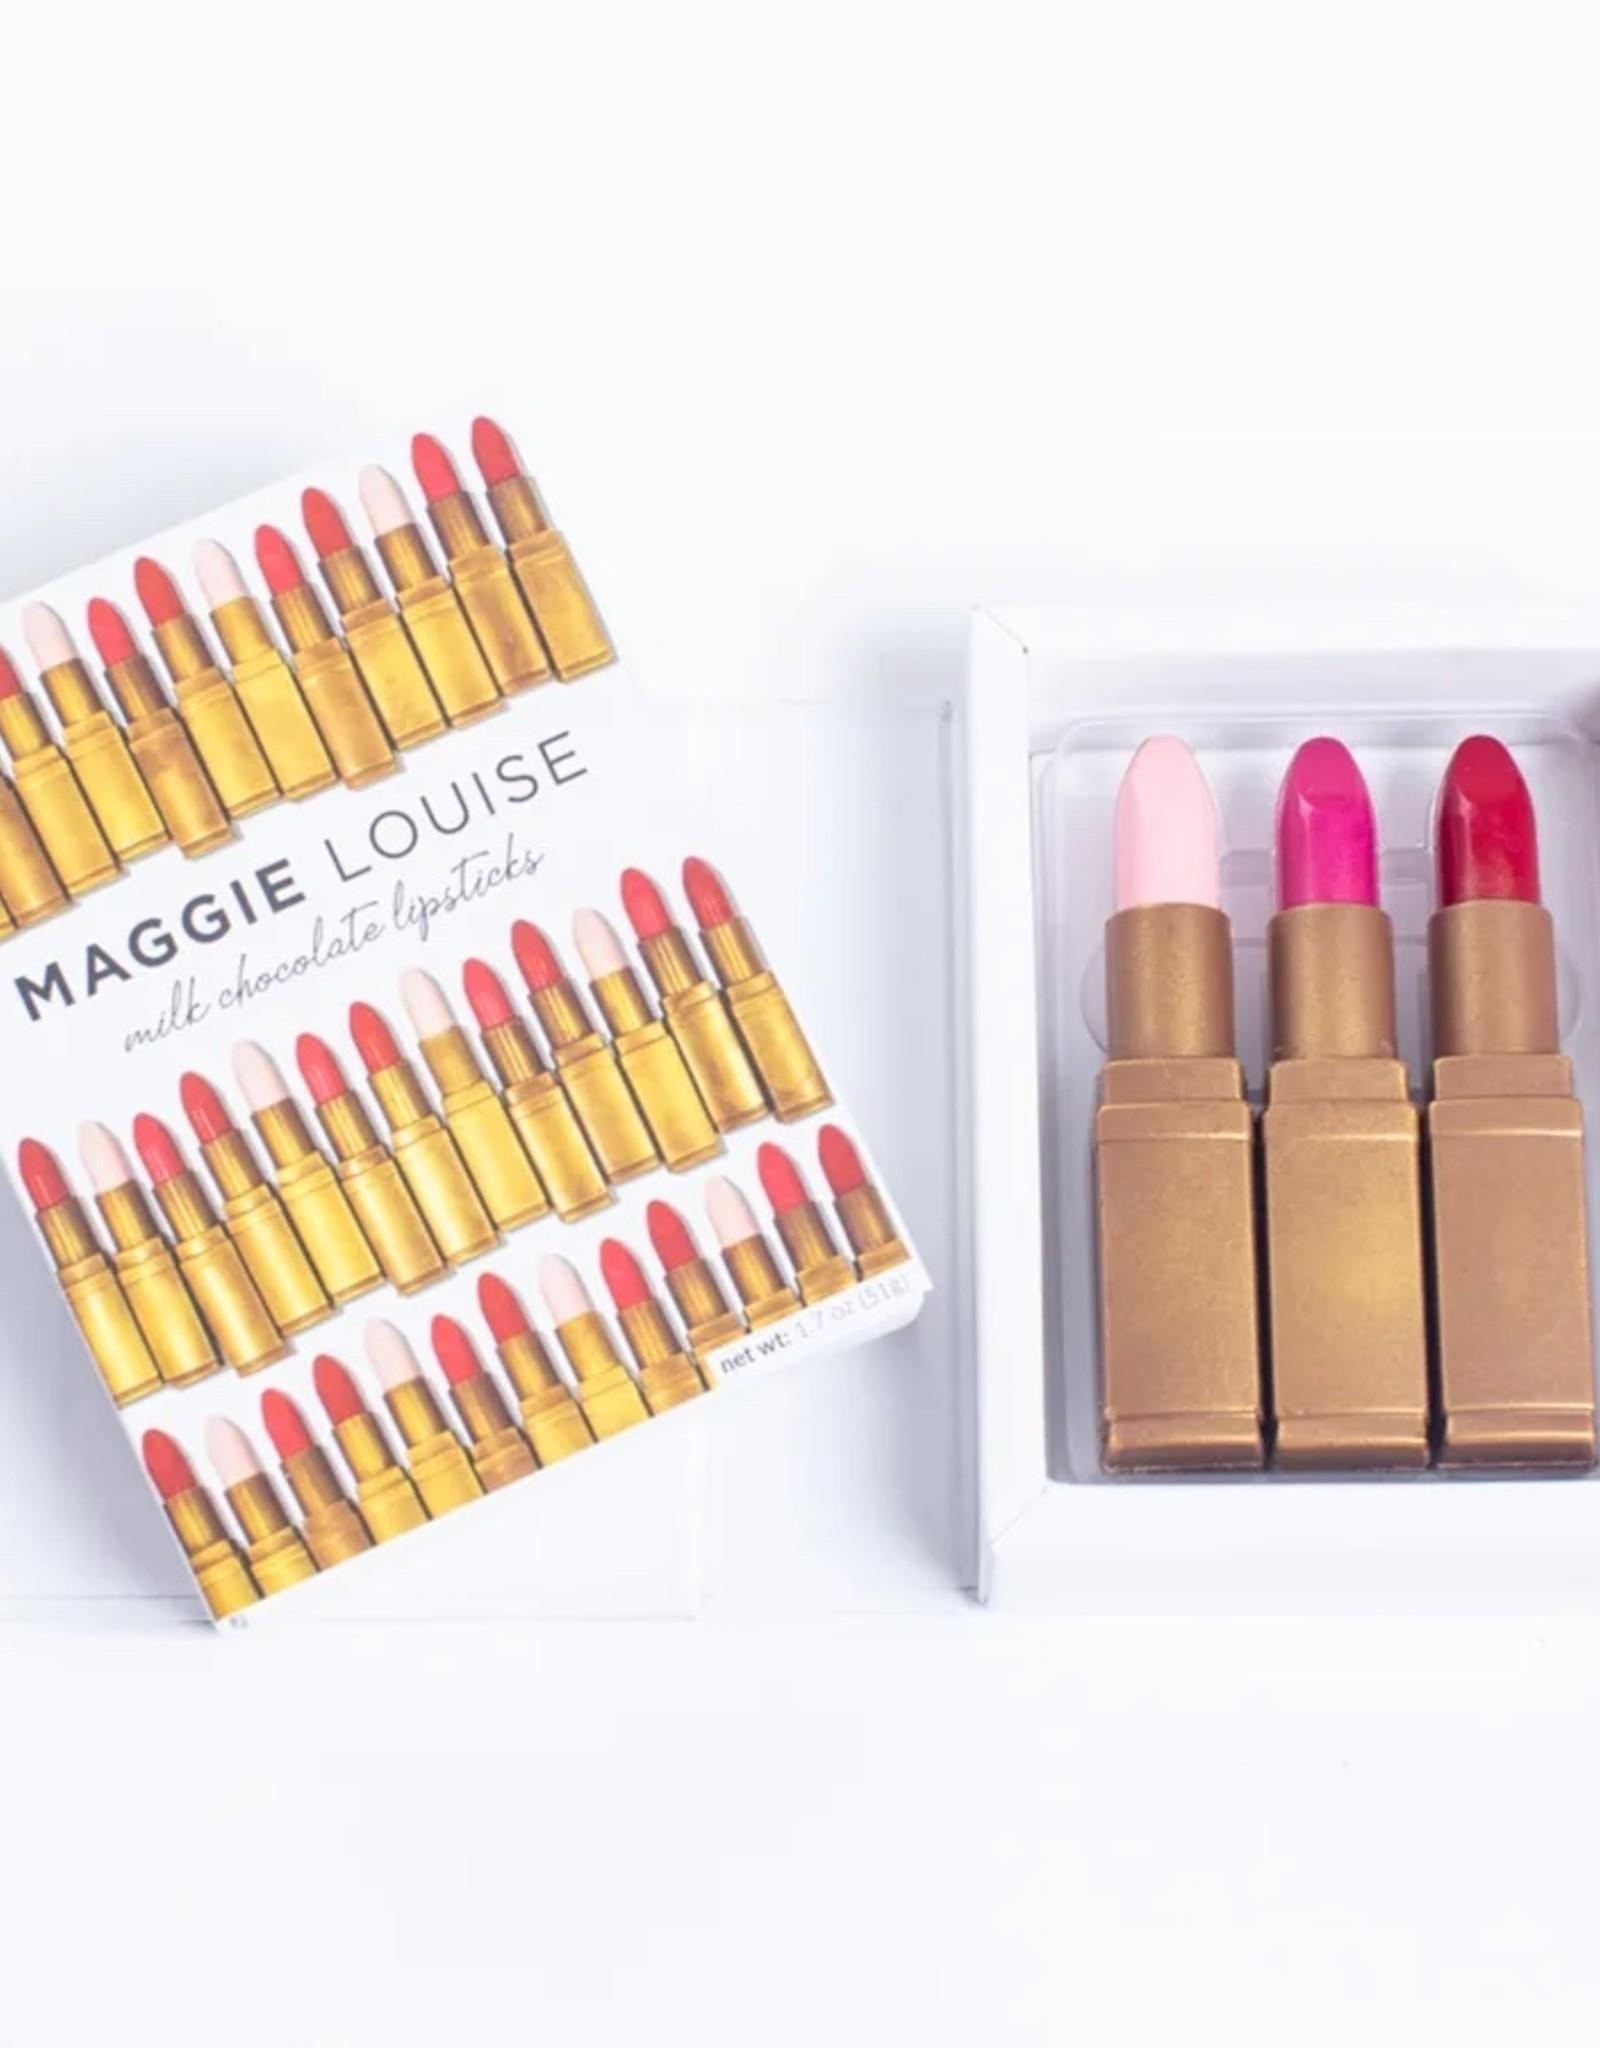 Maggie Louise Confections Maggie Louise Confections Lipstick Trio